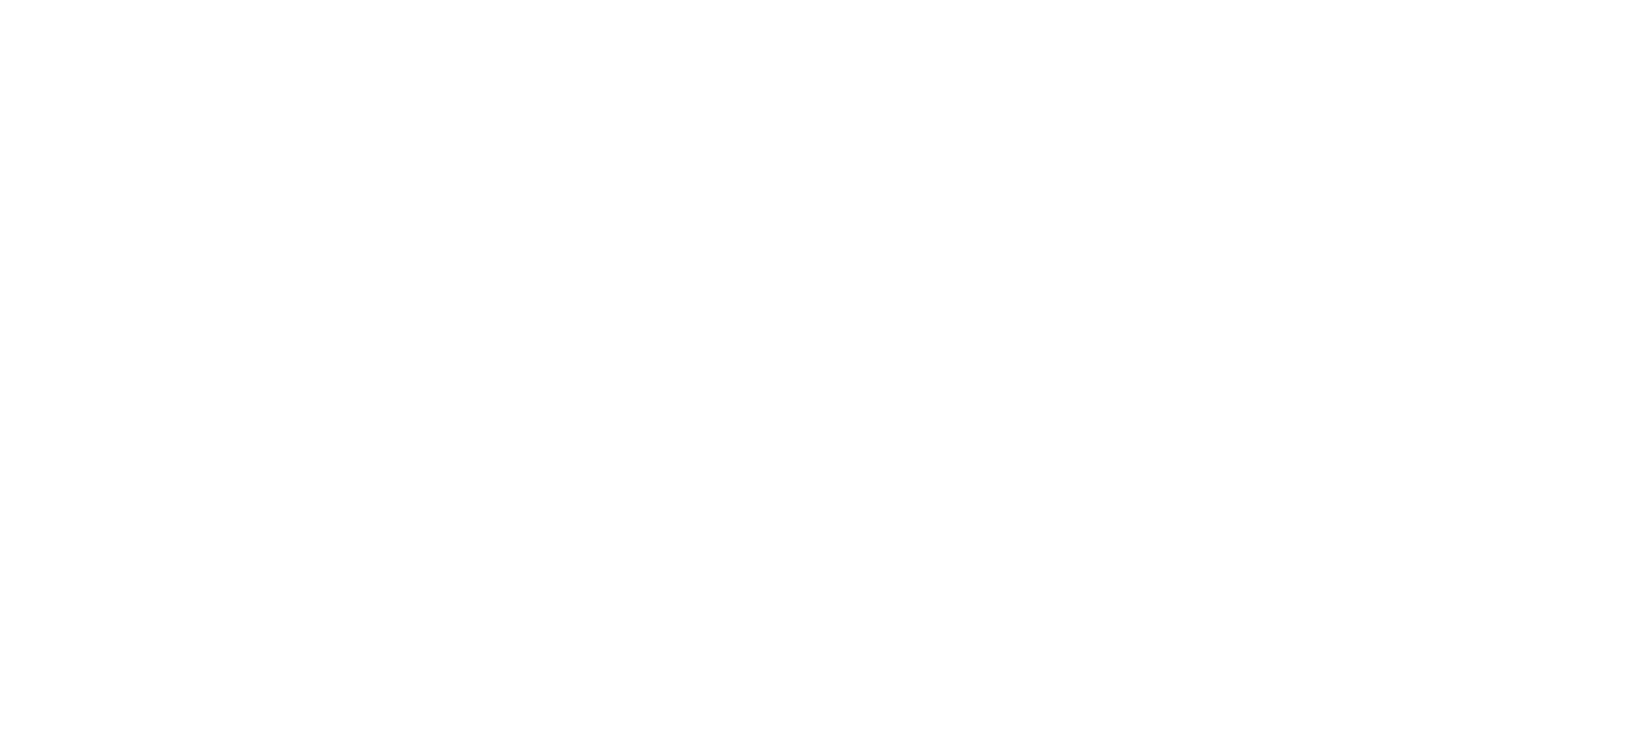 BIB-torch-1c-w-01